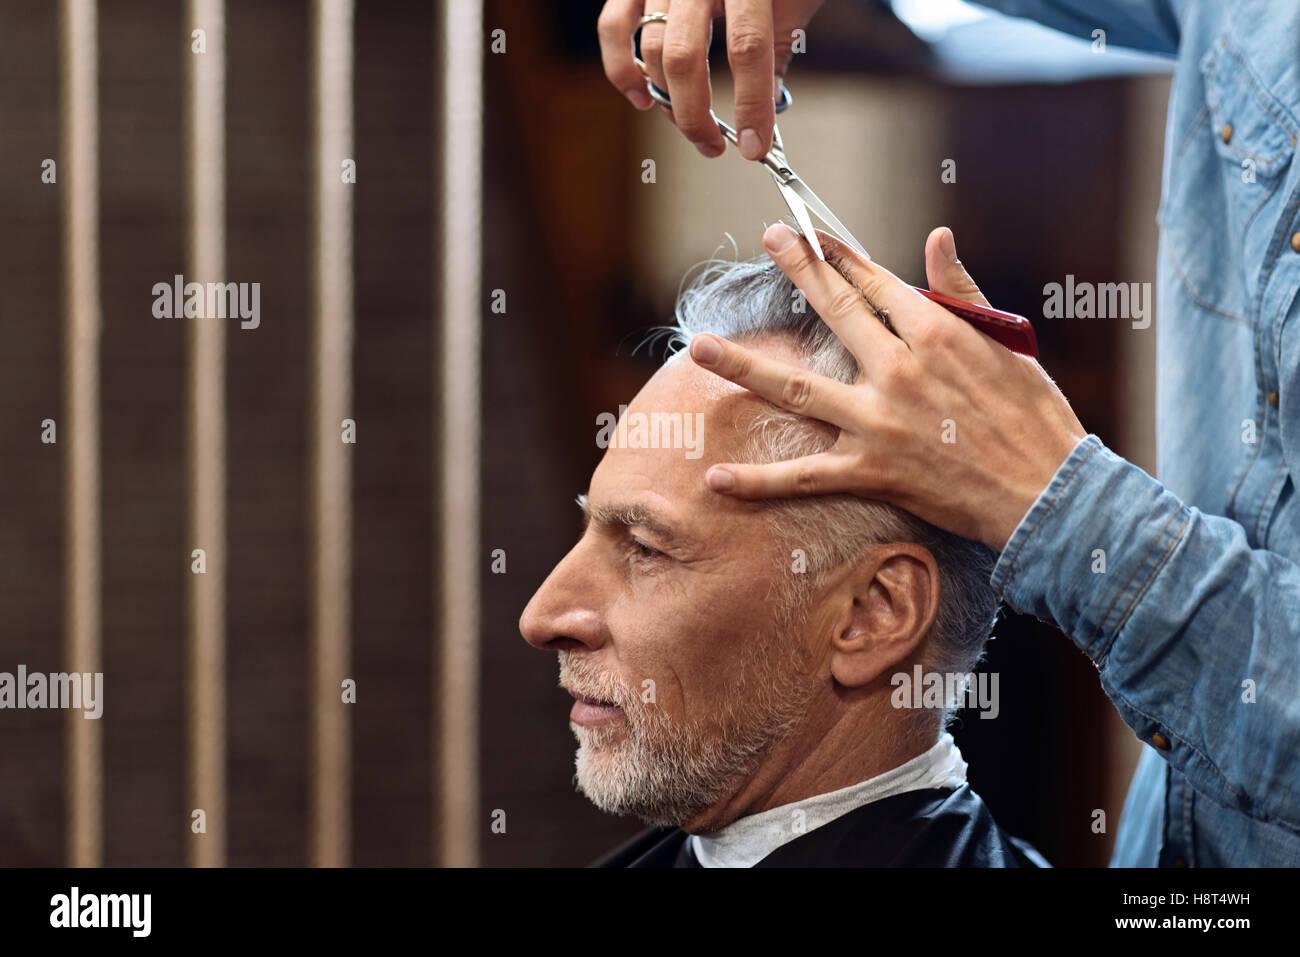 Viejo caballero durante el corte de pelo en la peluquería Imagen De Stock